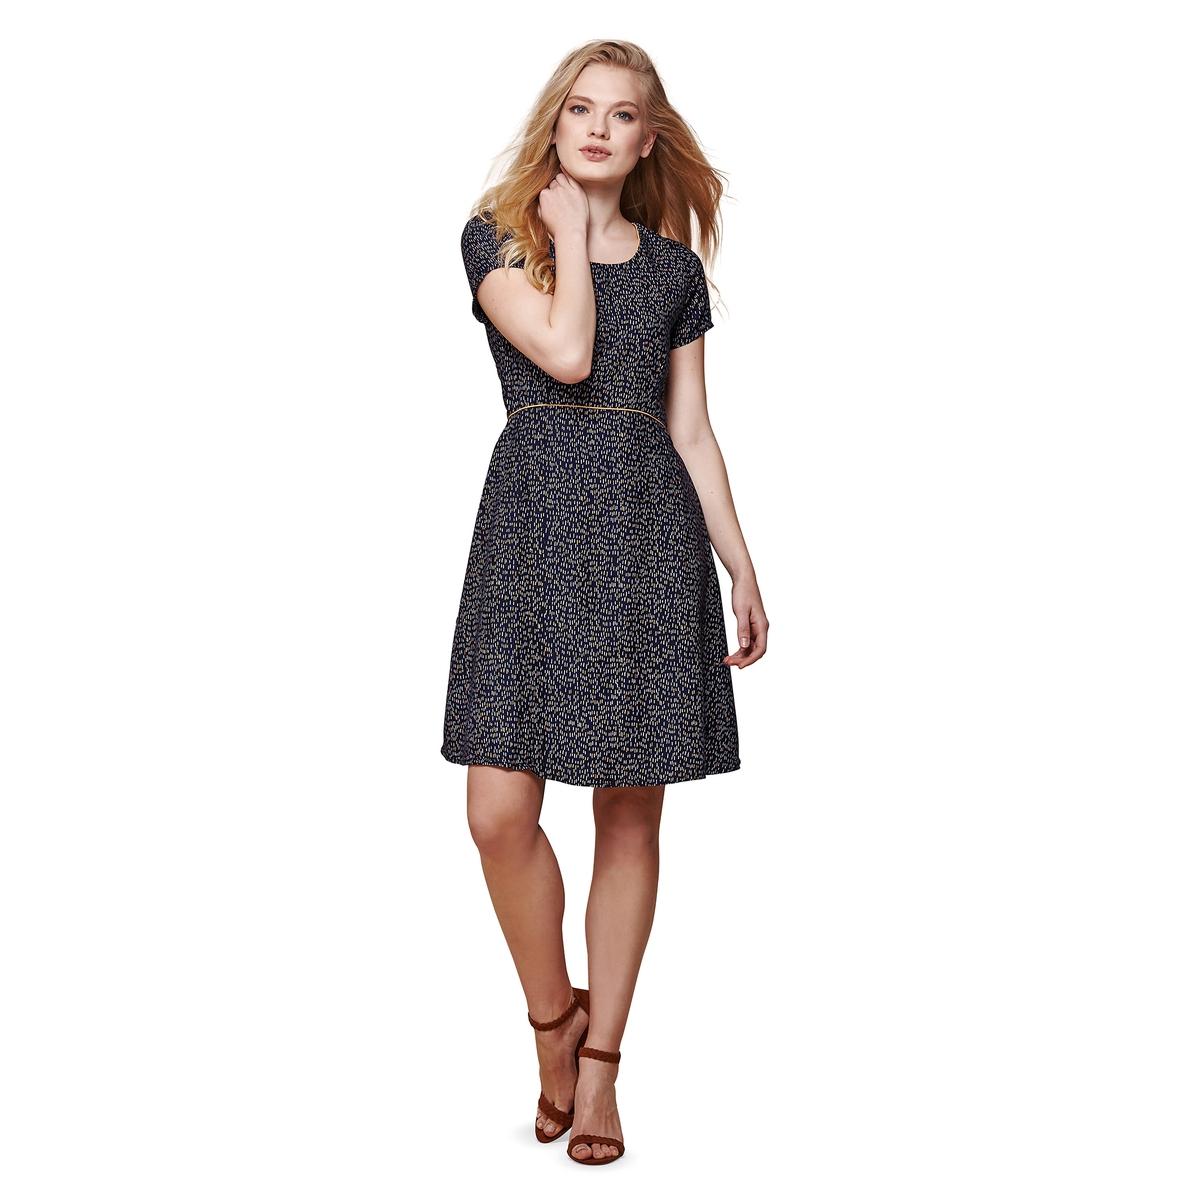 Платье приталенное с рисунком длиной до колен платье yumi yumi платье